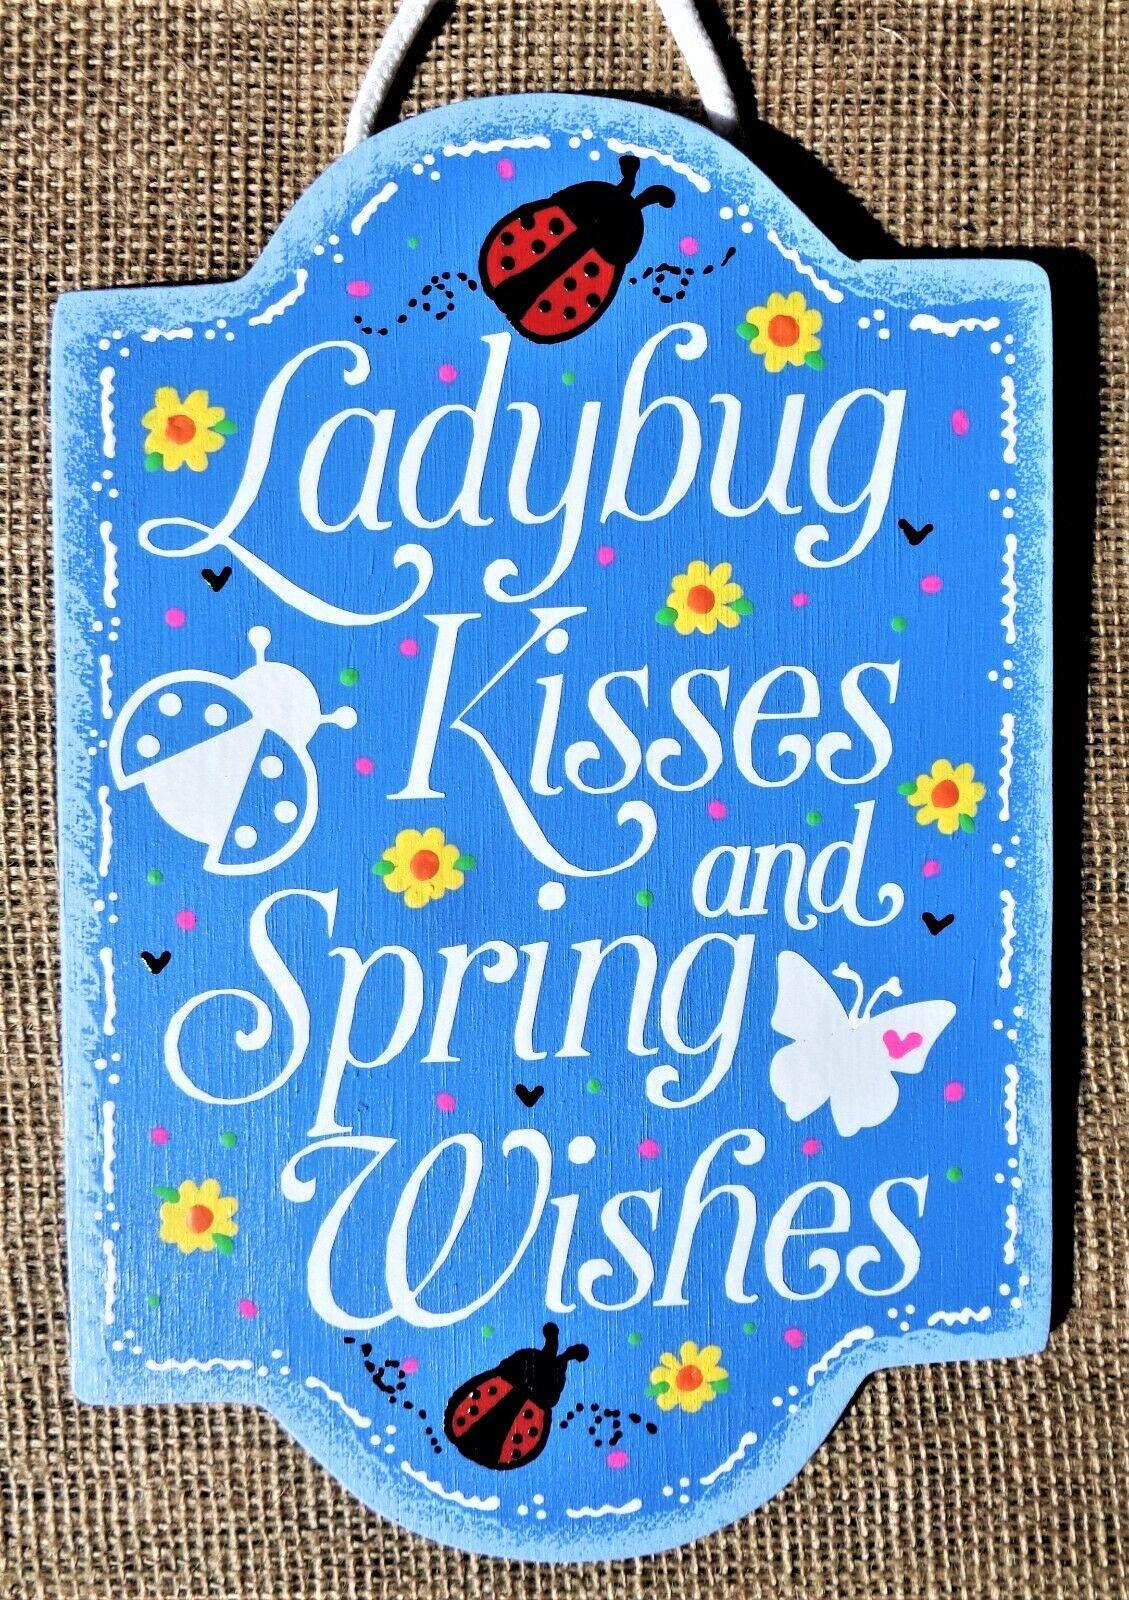 Ladybug Kisses And Spring Wishes Door Room Sign Wood Seasonal Plaque Wall Decor Hanger Country Wood In 2020 Country Wood Crafts Spring Wood Crafts Wooden Door Hangers